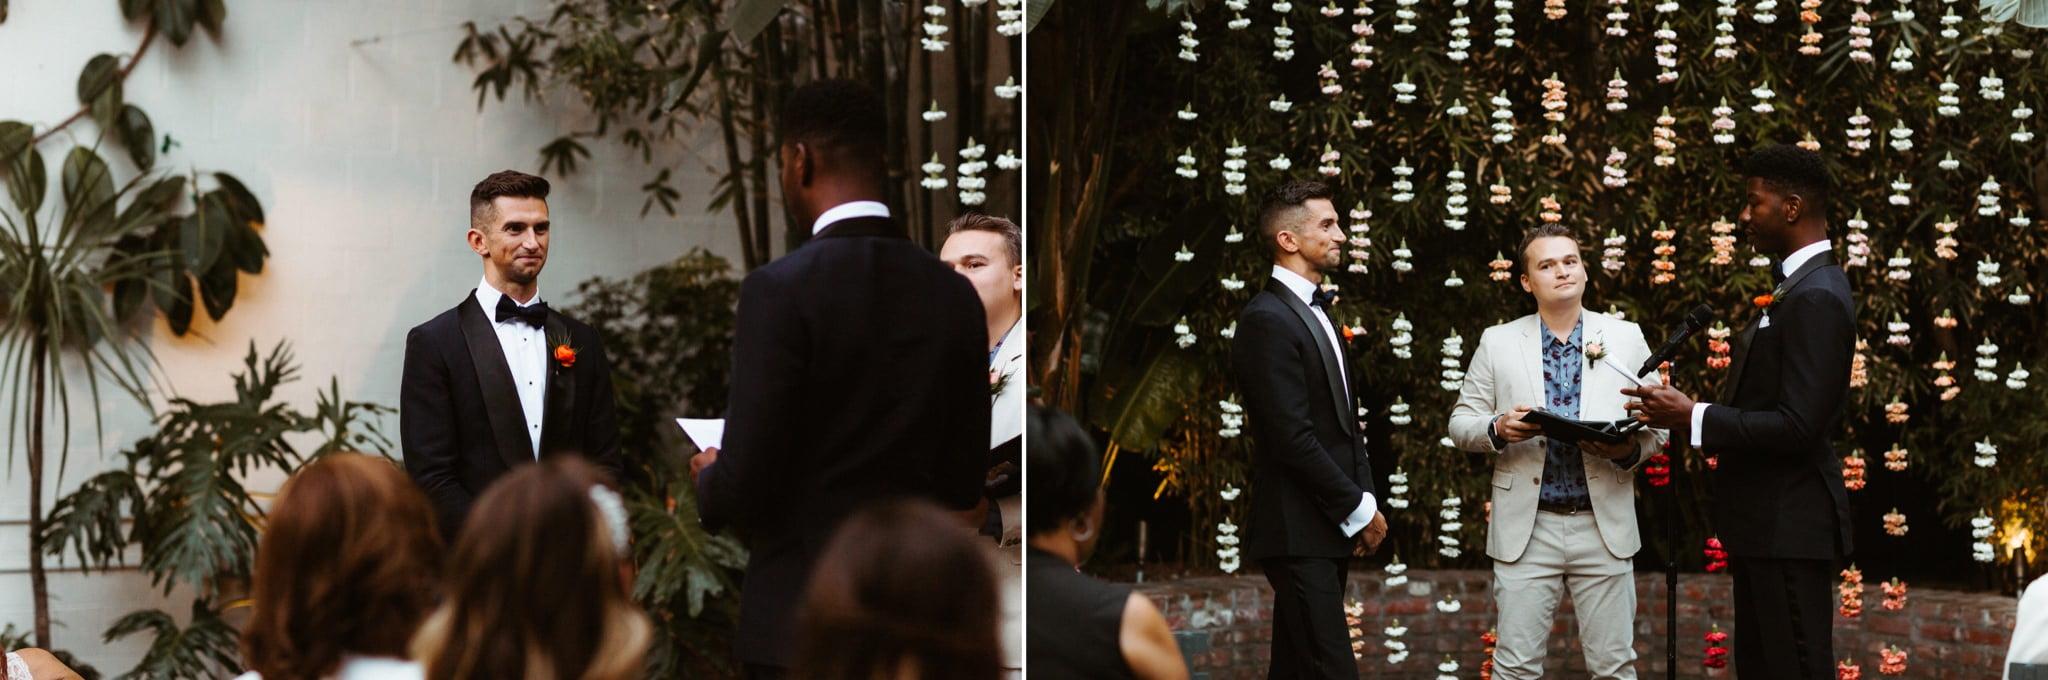 dtla wedding photographer 076